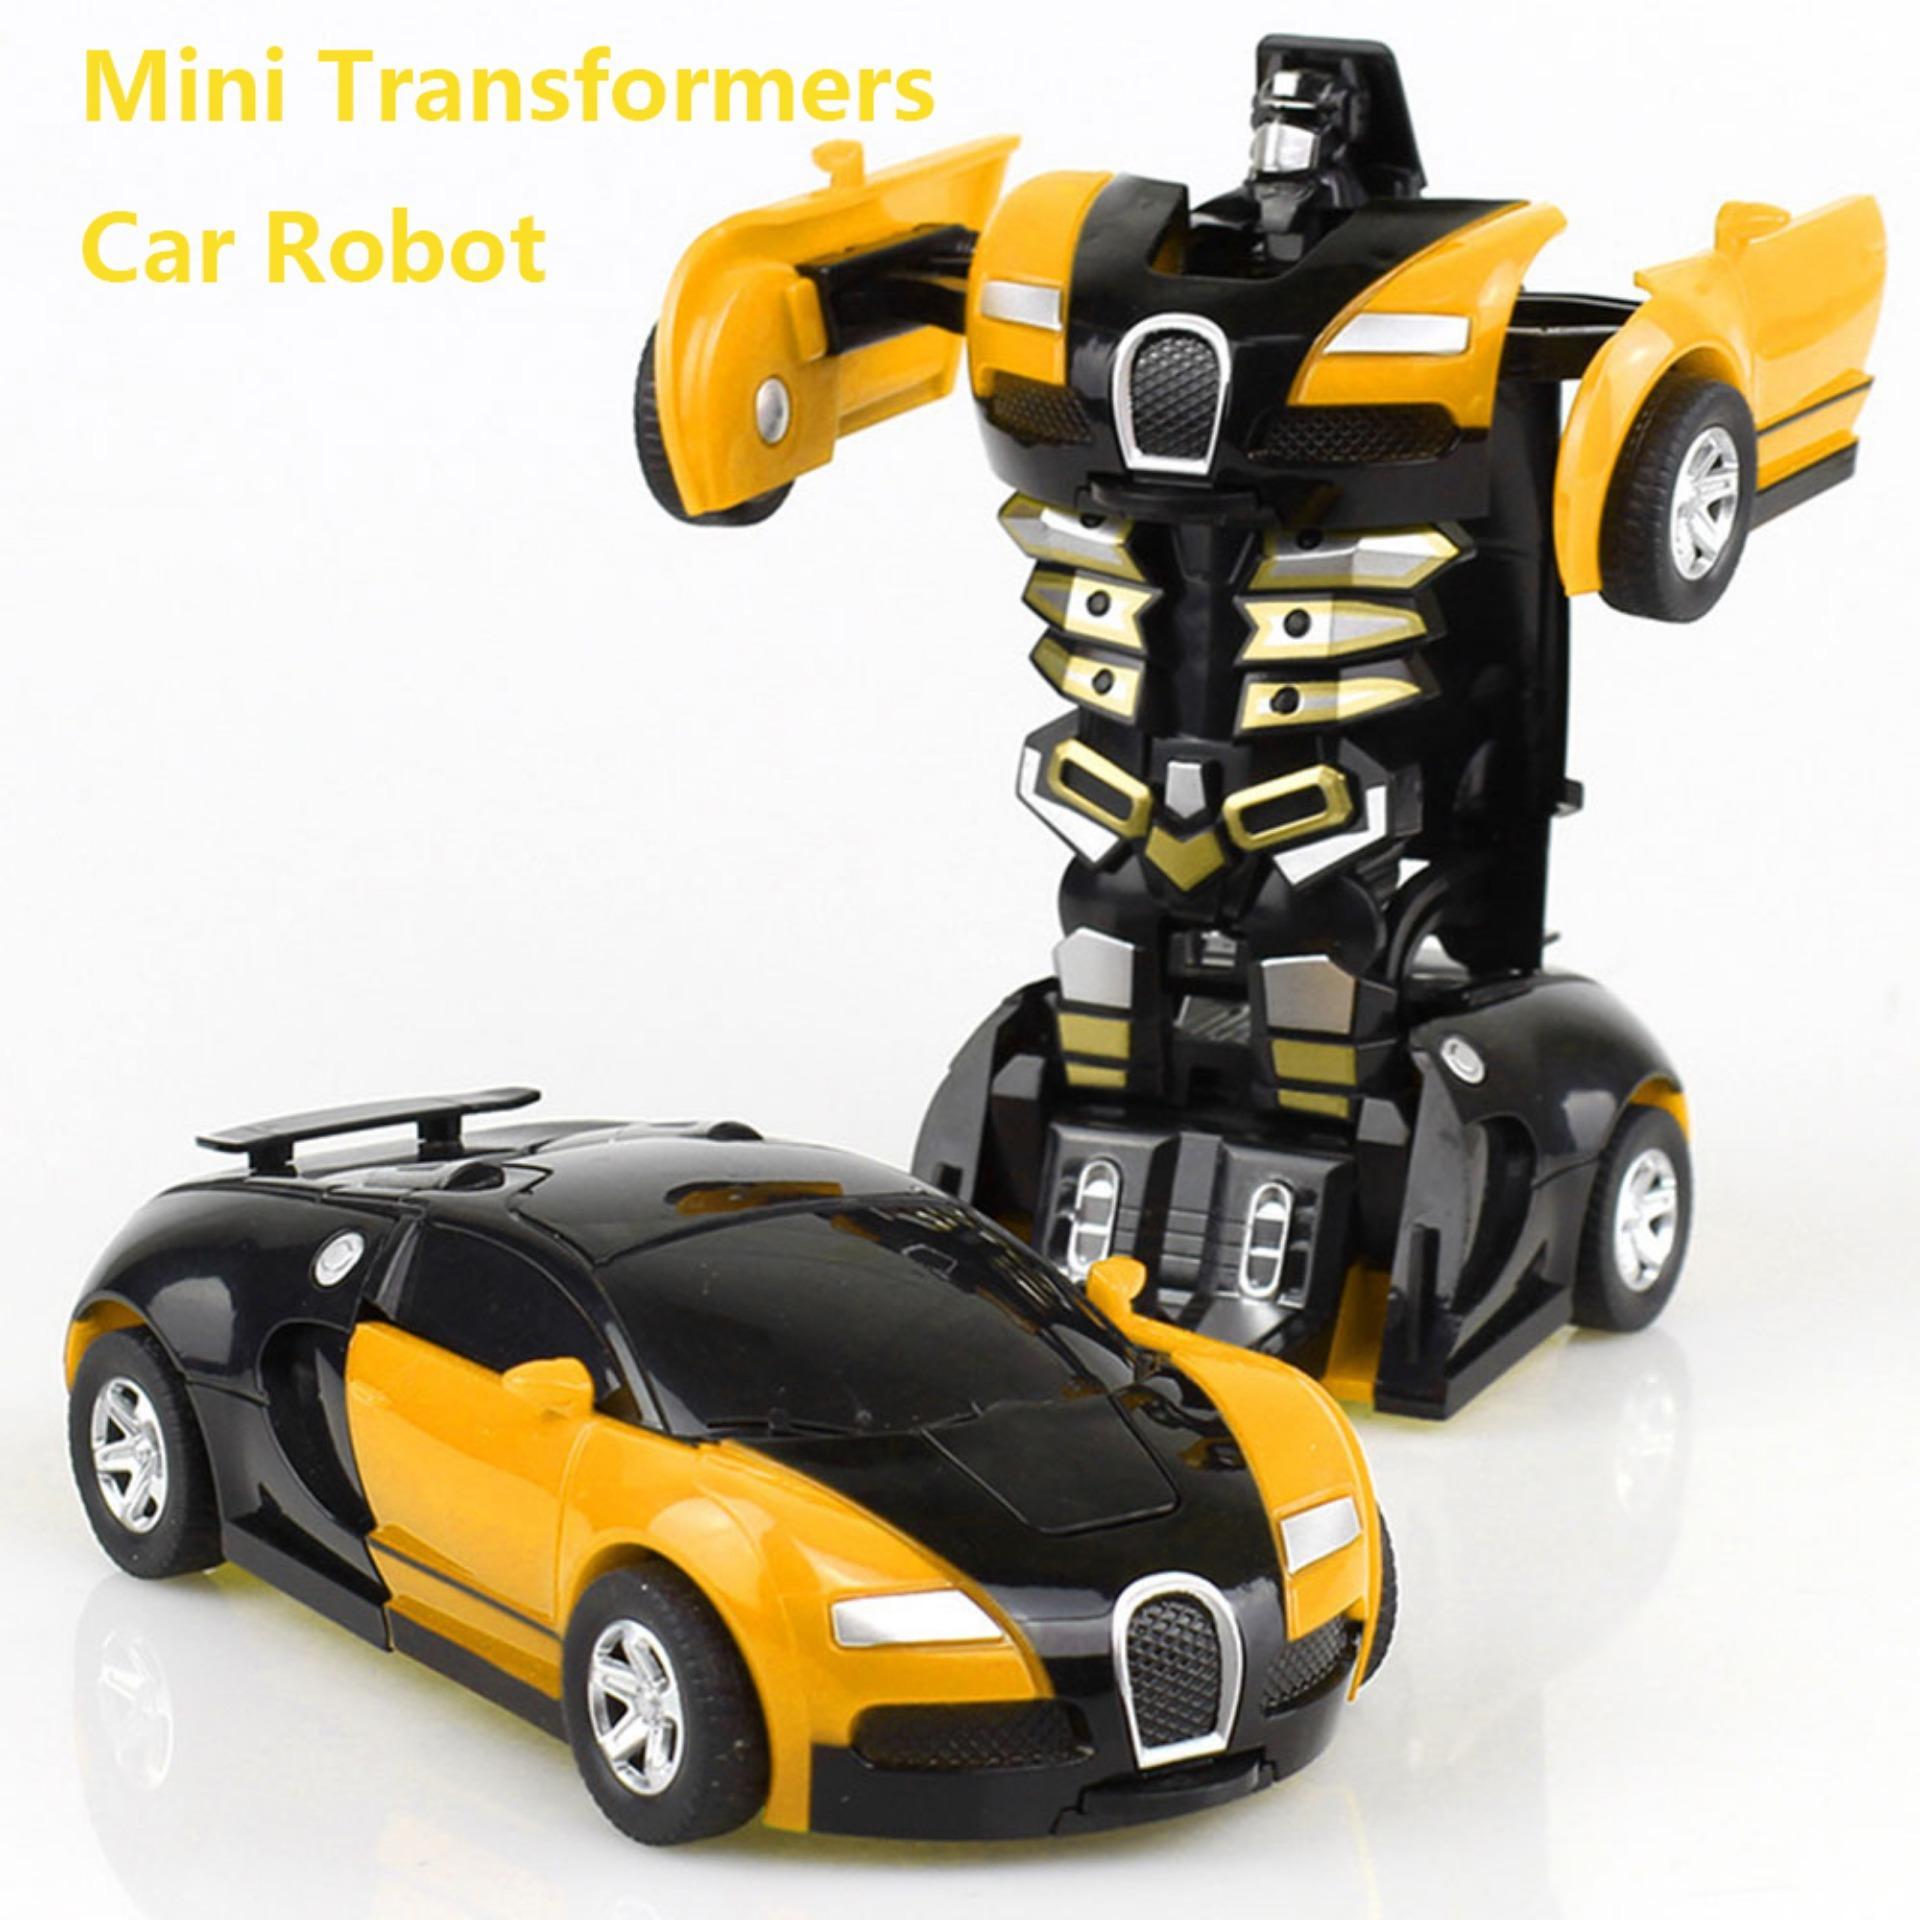 Transformers Mobil, Penyelamatan Deformasi Robot Transformer Mobil One-Step Mobil Robot Kendaraan Model Aksi Angka Mainan Mengubah Mobil Untuk Anak-Anak By Kobwa Direct.